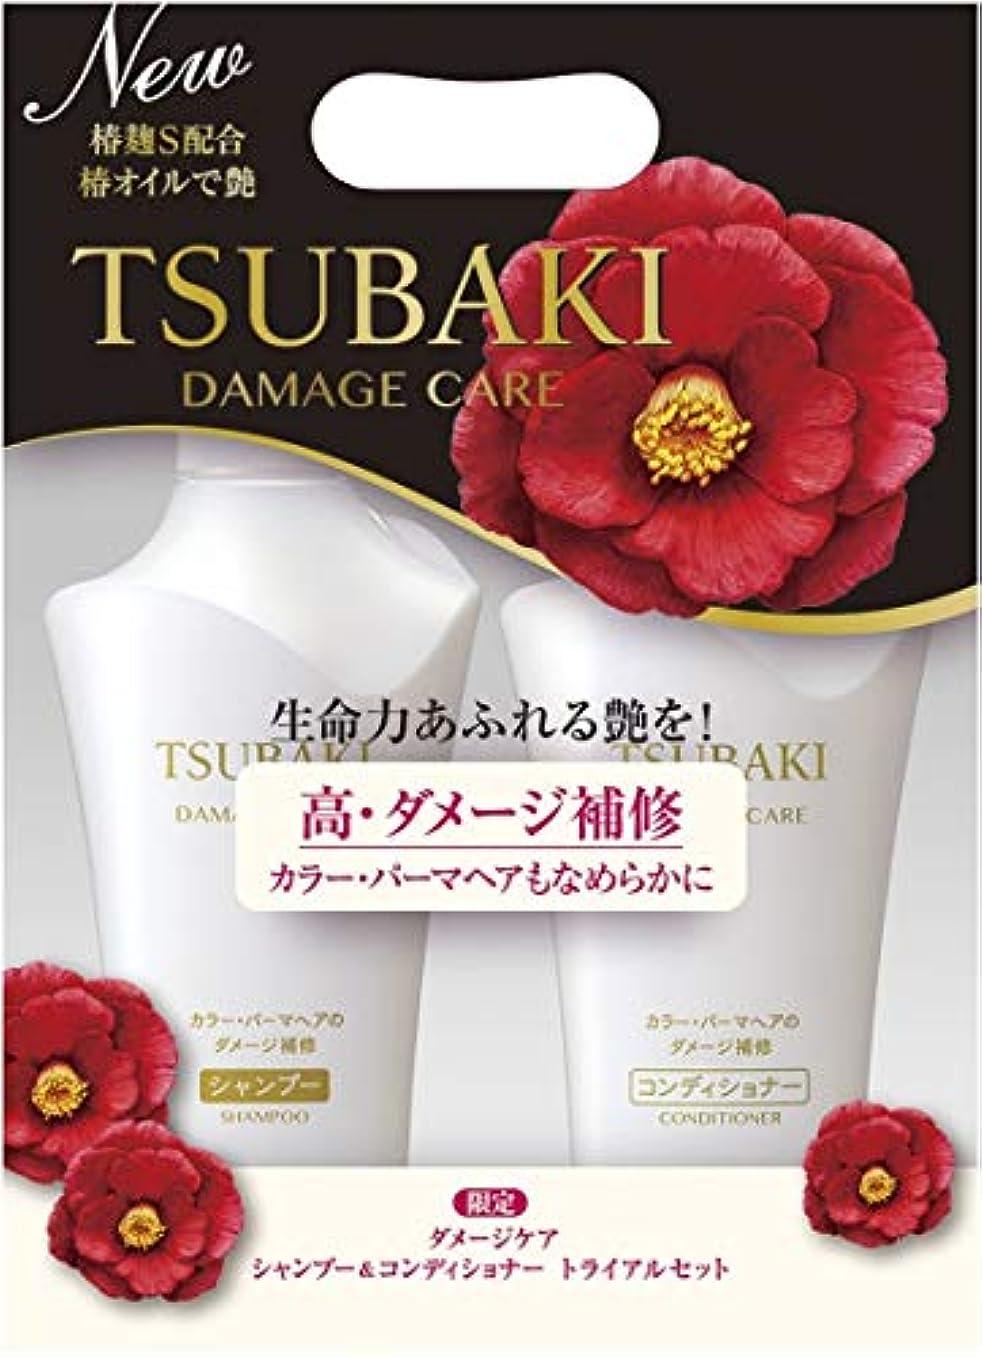 少数原油熱意TSUBAKI ダメージケア シャンプー&コンディショナー ジャンボペアセット (500ml+500ml)